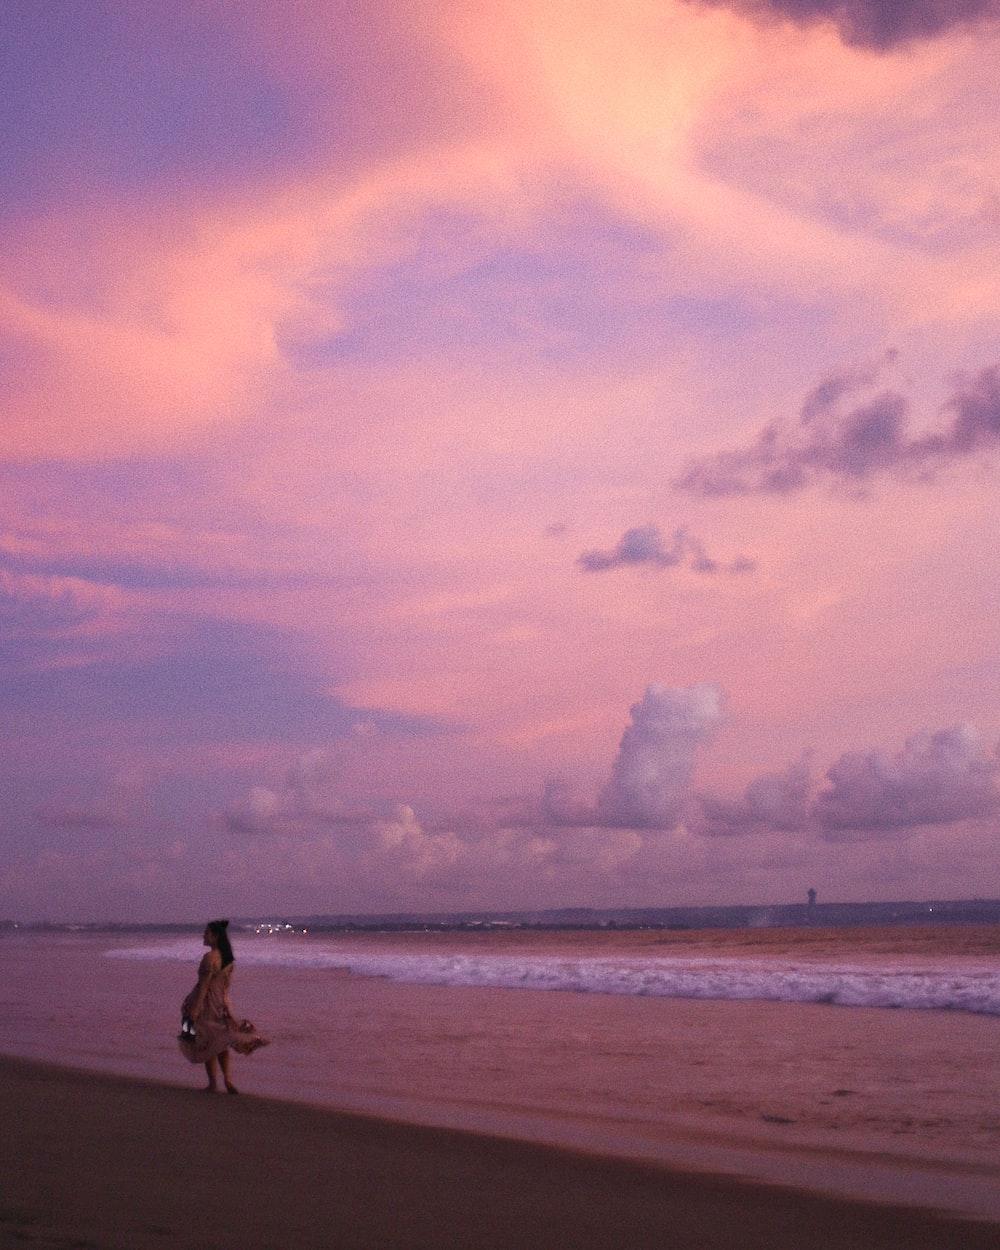 man in black shorts walking on beach during daytime